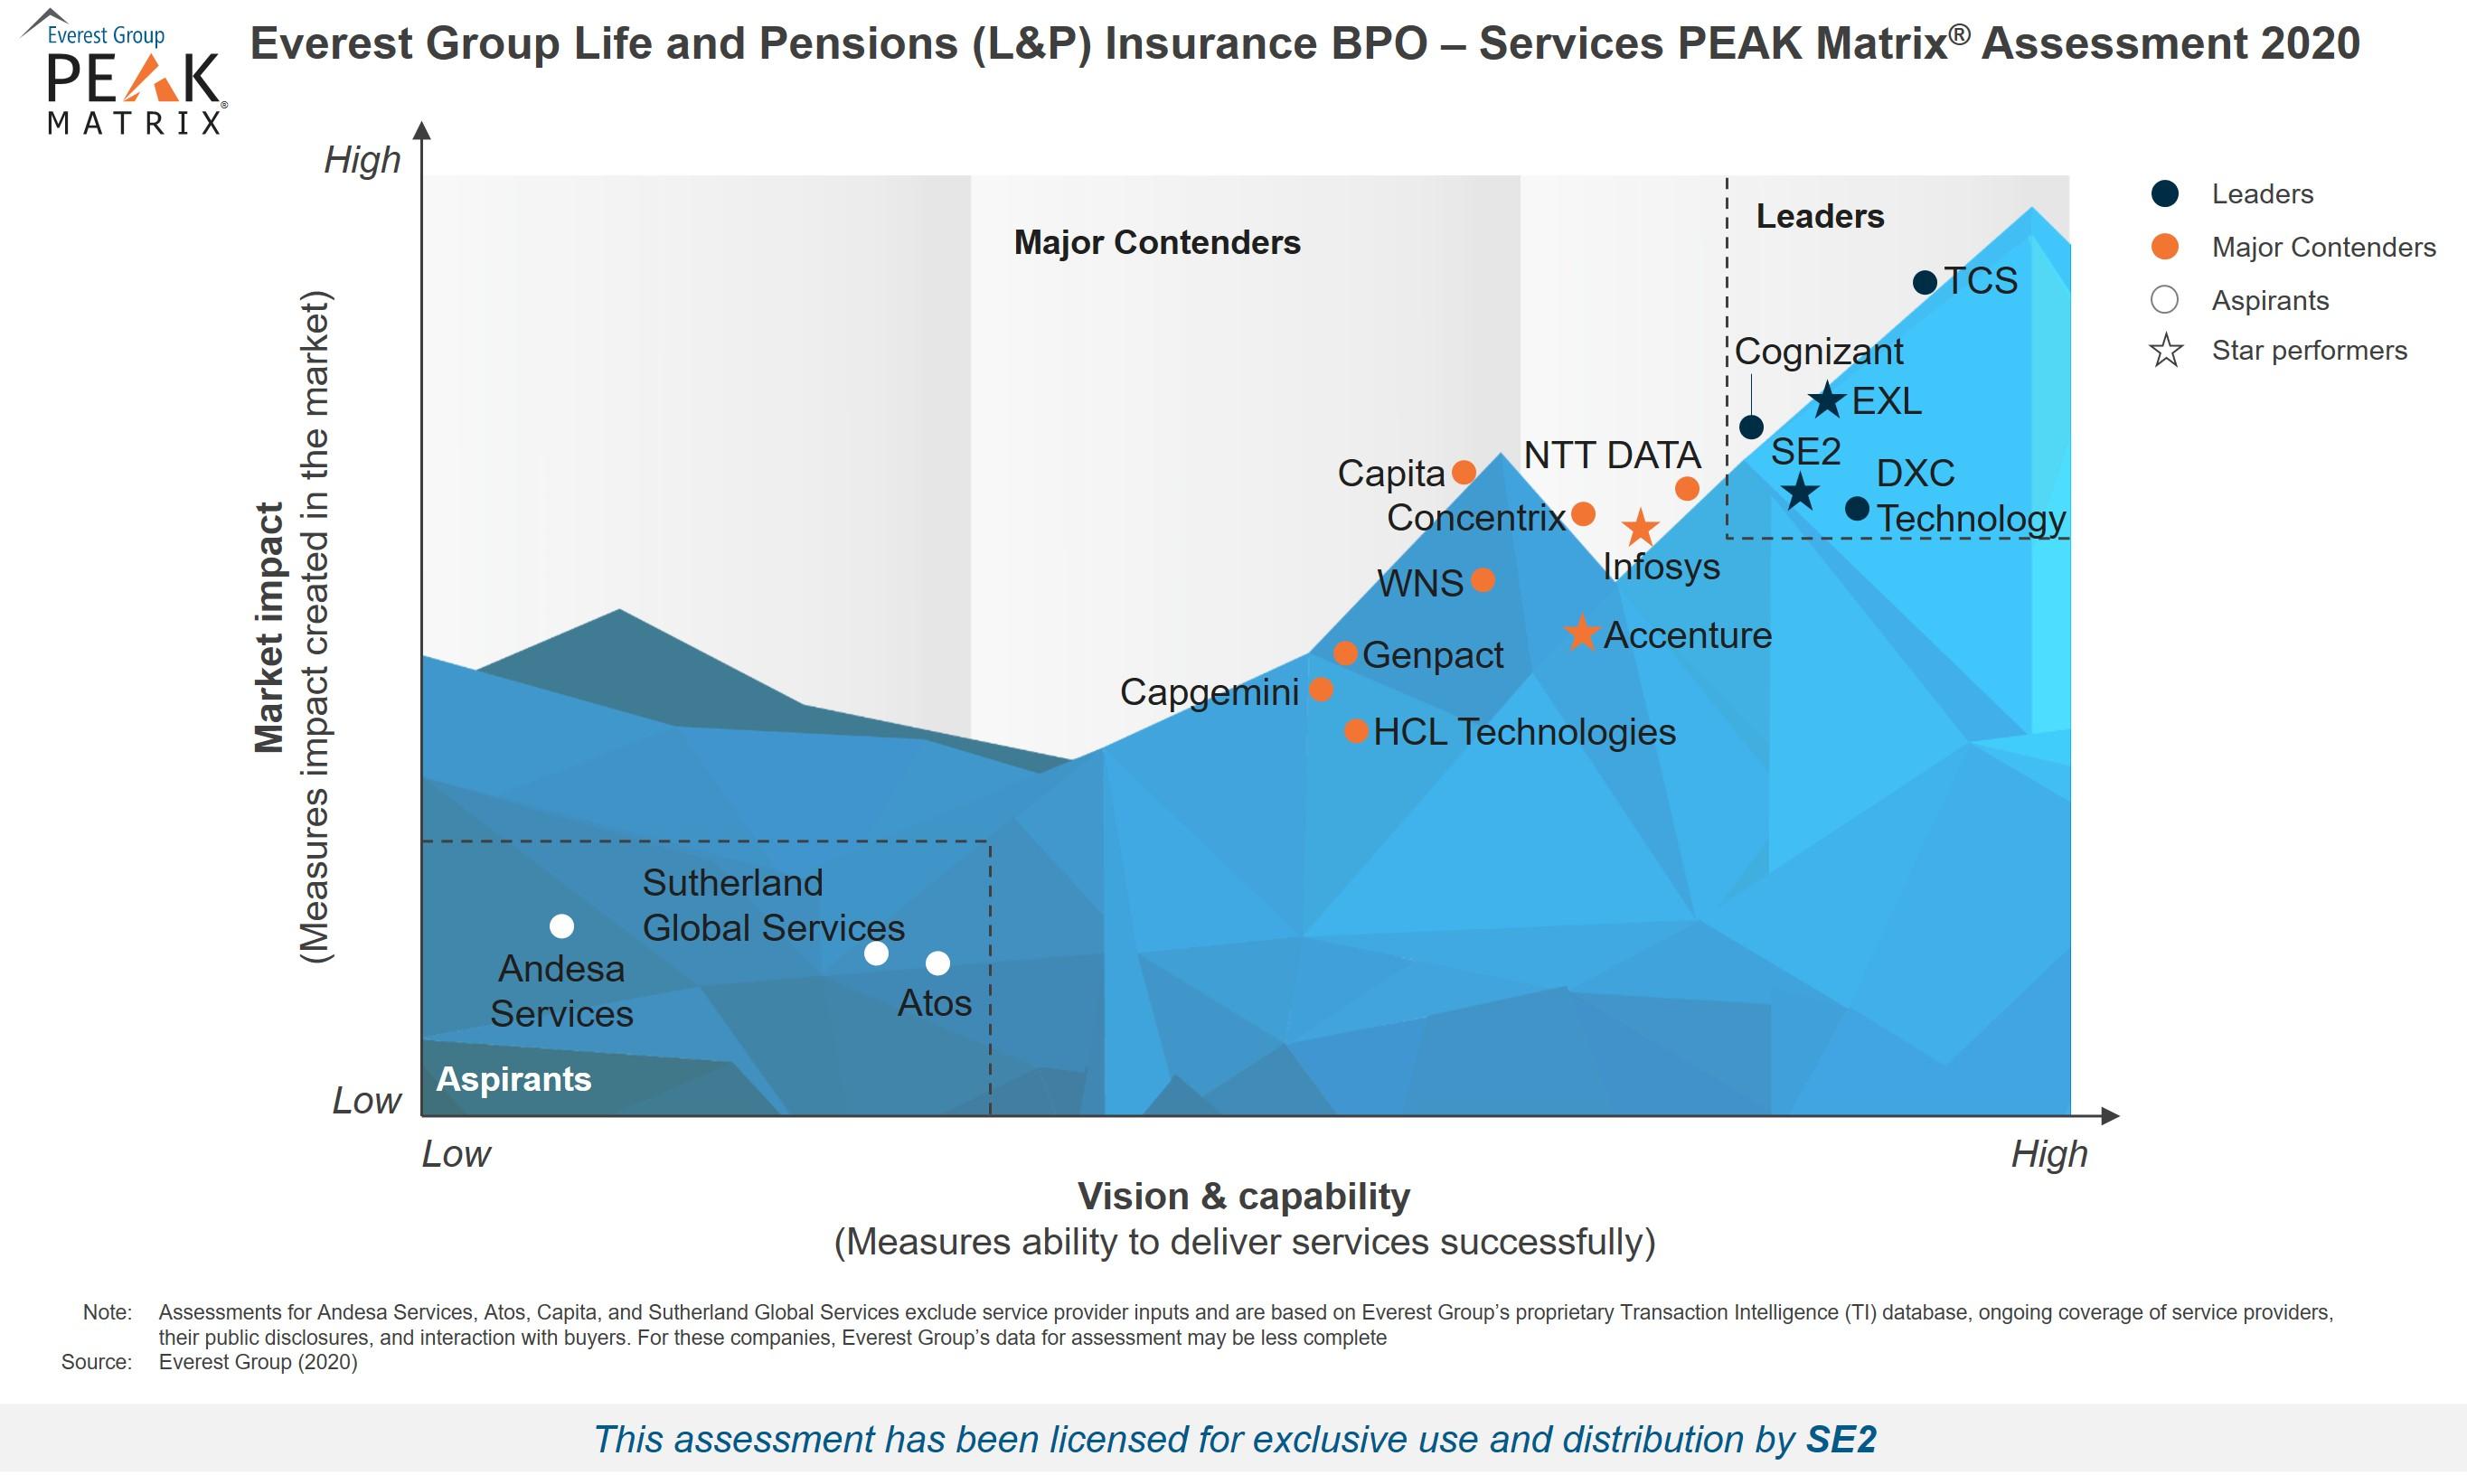 High-Res PEAK 2020 - L&P Insurance BPO - For SE2